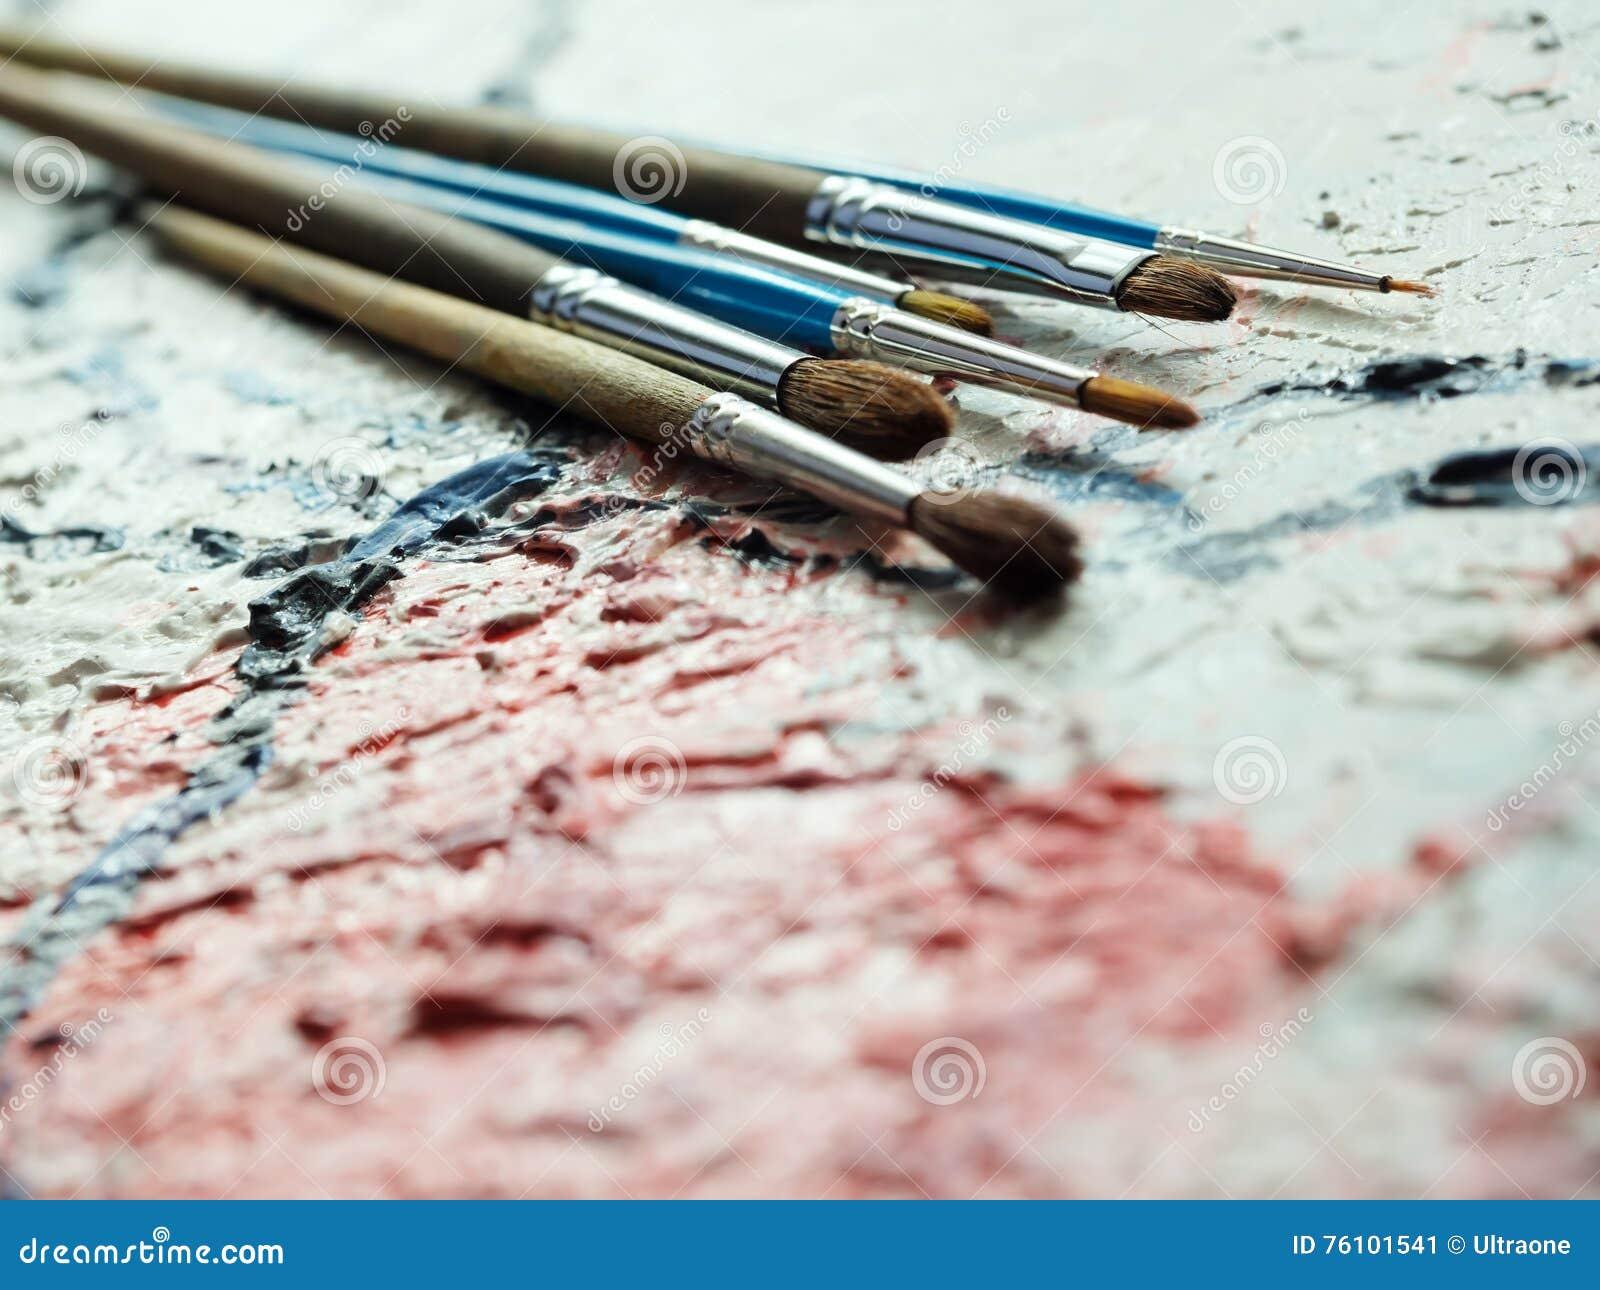 pinceaux sur la toile de peinture l 39 huile image stock image du espace peinture 76101541. Black Bedroom Furniture Sets. Home Design Ideas